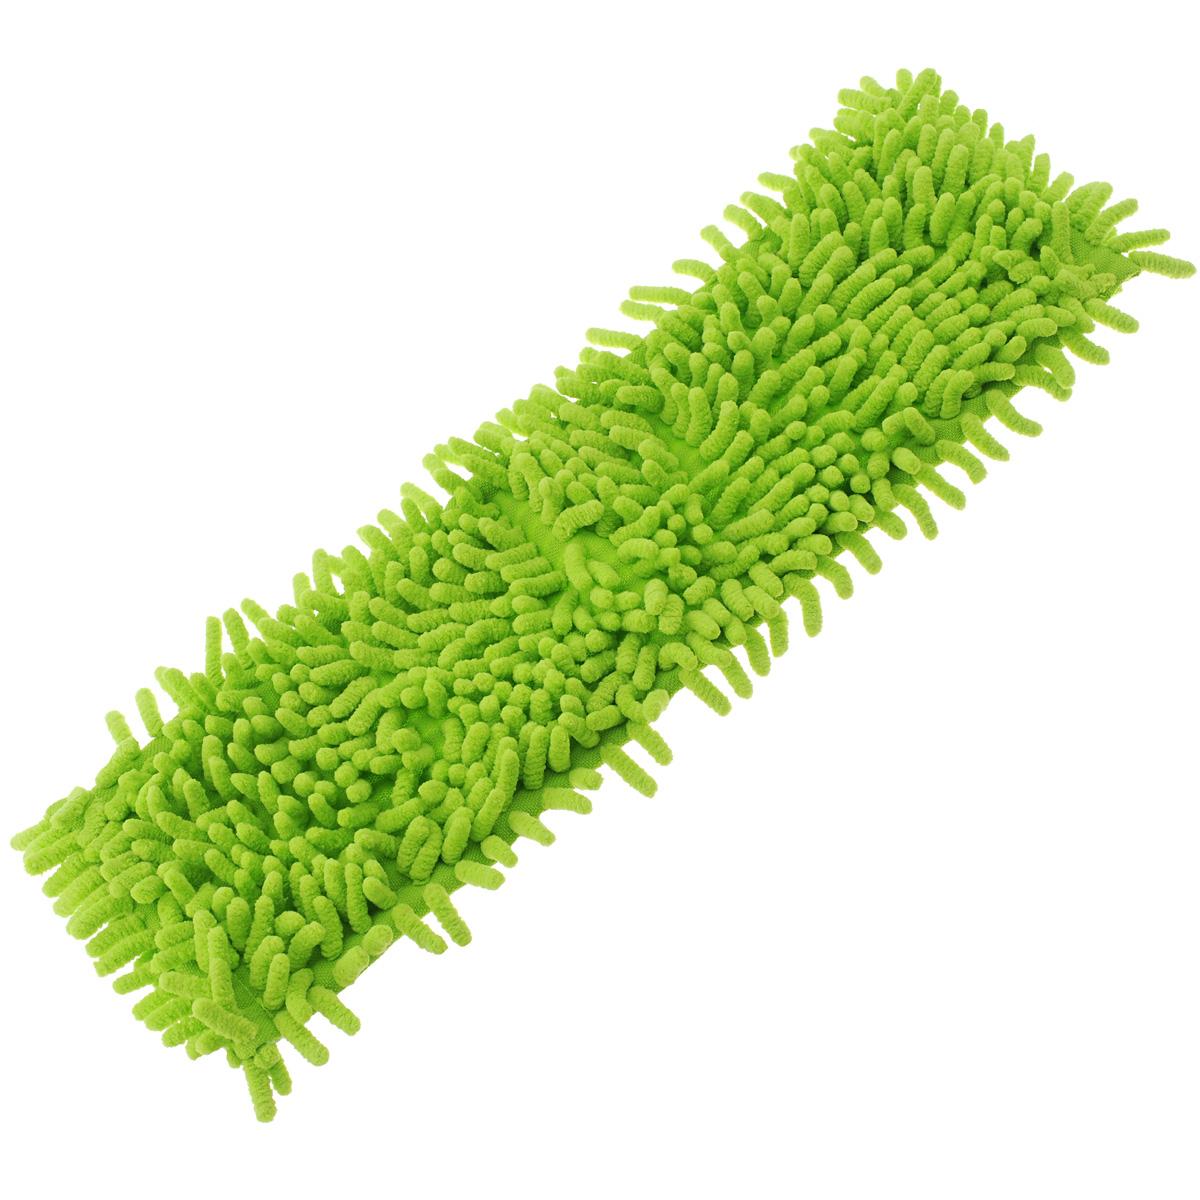 Насадка для швабры Home Queen Еврокласс, цвет: салатовый, длина 40 см,531-105Сменная насадка для швабры Home Queen Еврокласс изготовлена из шенилла, разновидности микрофибры. Материал обладает высокой износостойкостью, не царапает поверхности и отлично впитывает влагу. Насадка отлично удаляет большинство жирных и маслянистых загрязнений без использования химических веществ. Насадка идеально подходит для мытья всех типов напольных покрытий. Она не оставляет разводов и ворсинок. Сменная насадка для швабры Home Queen Еврокласс станет незаменимой в хозяйстве. Размер насадки: 40 х 12 см.